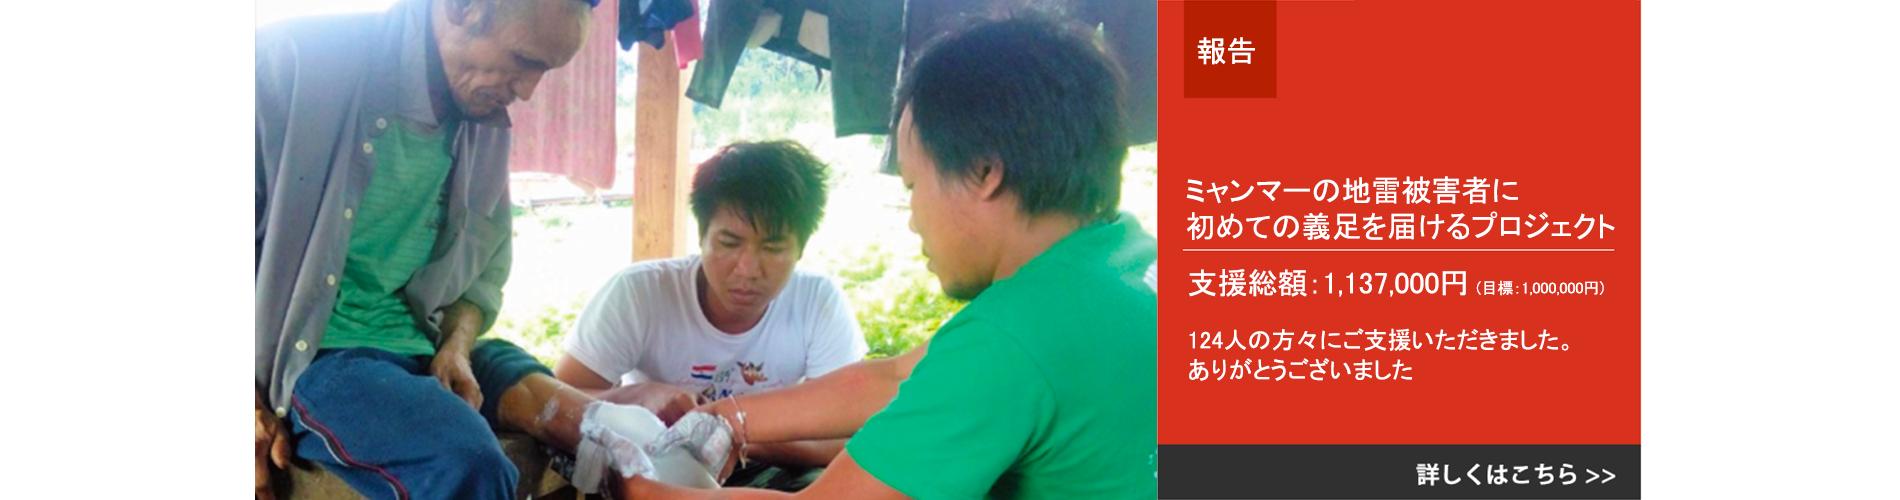 ミャンマー地雷被害者支援